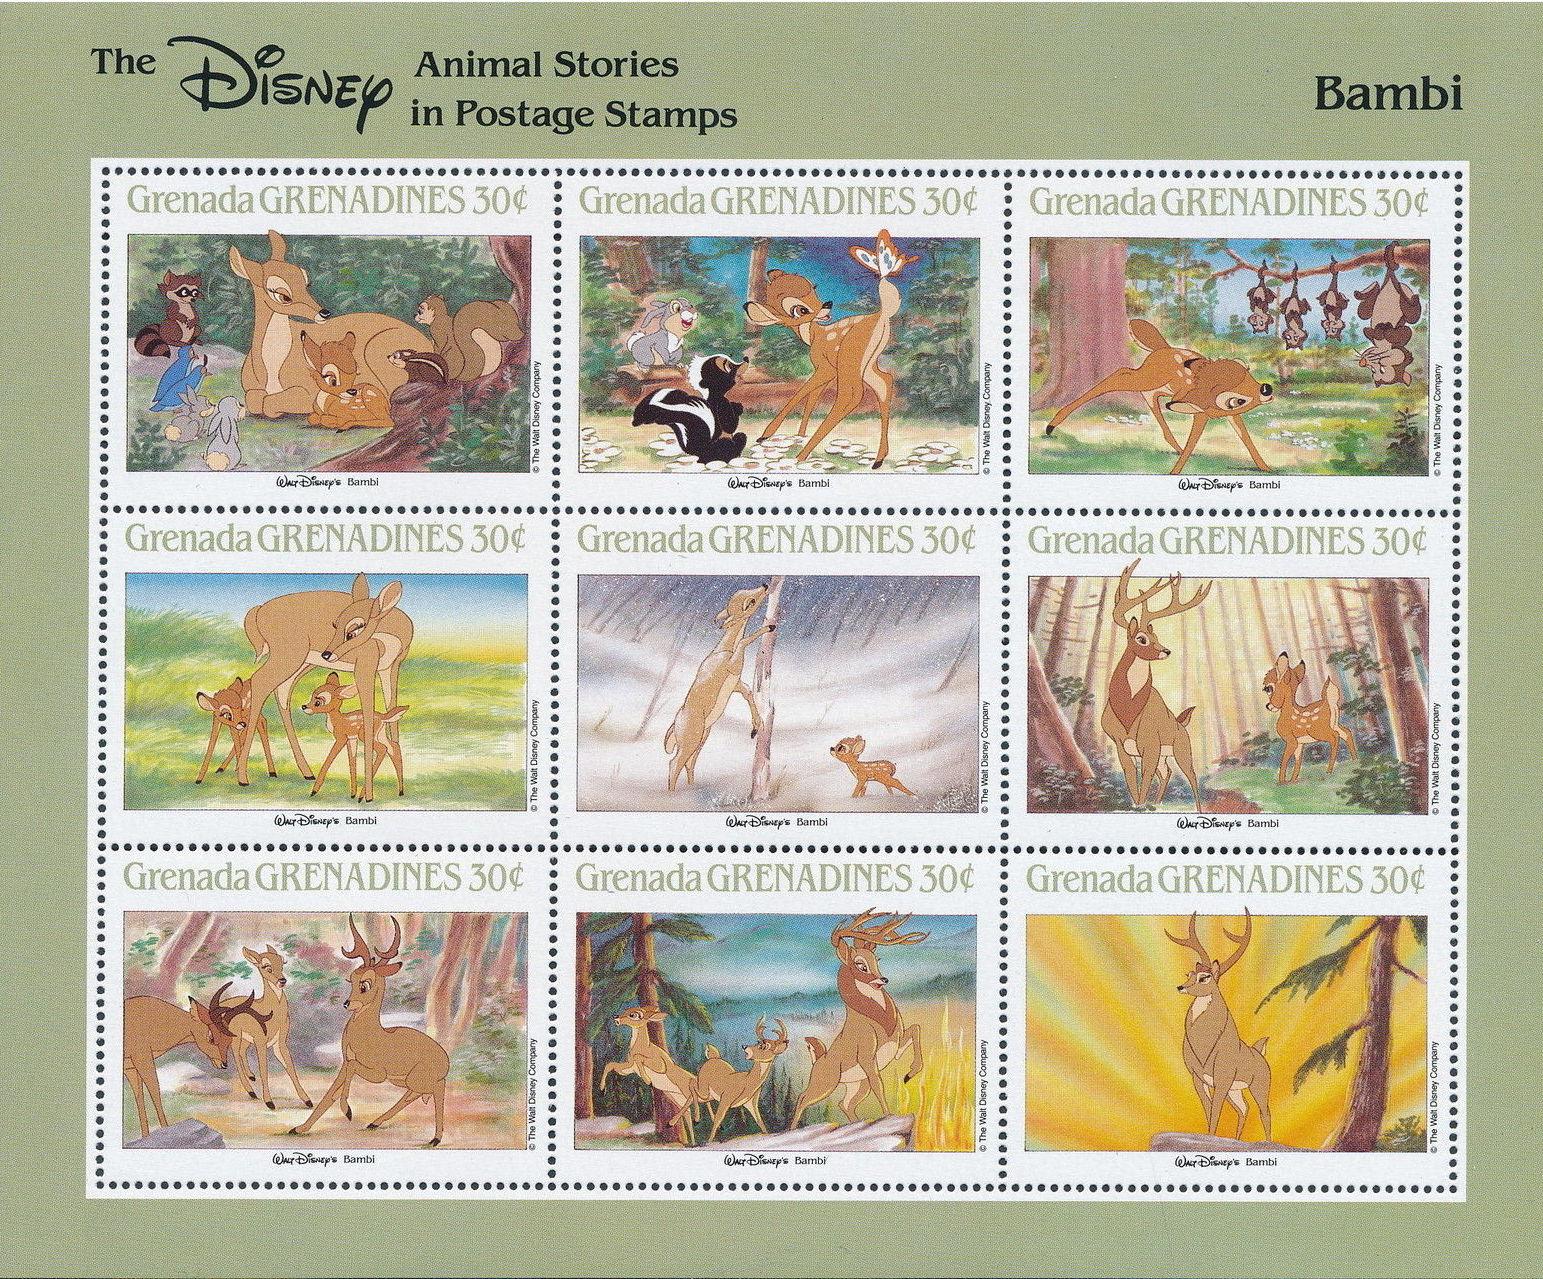 Grenada Grenadines 1988 The Disney Animal Stories in Postage Stamps SSa.jpg